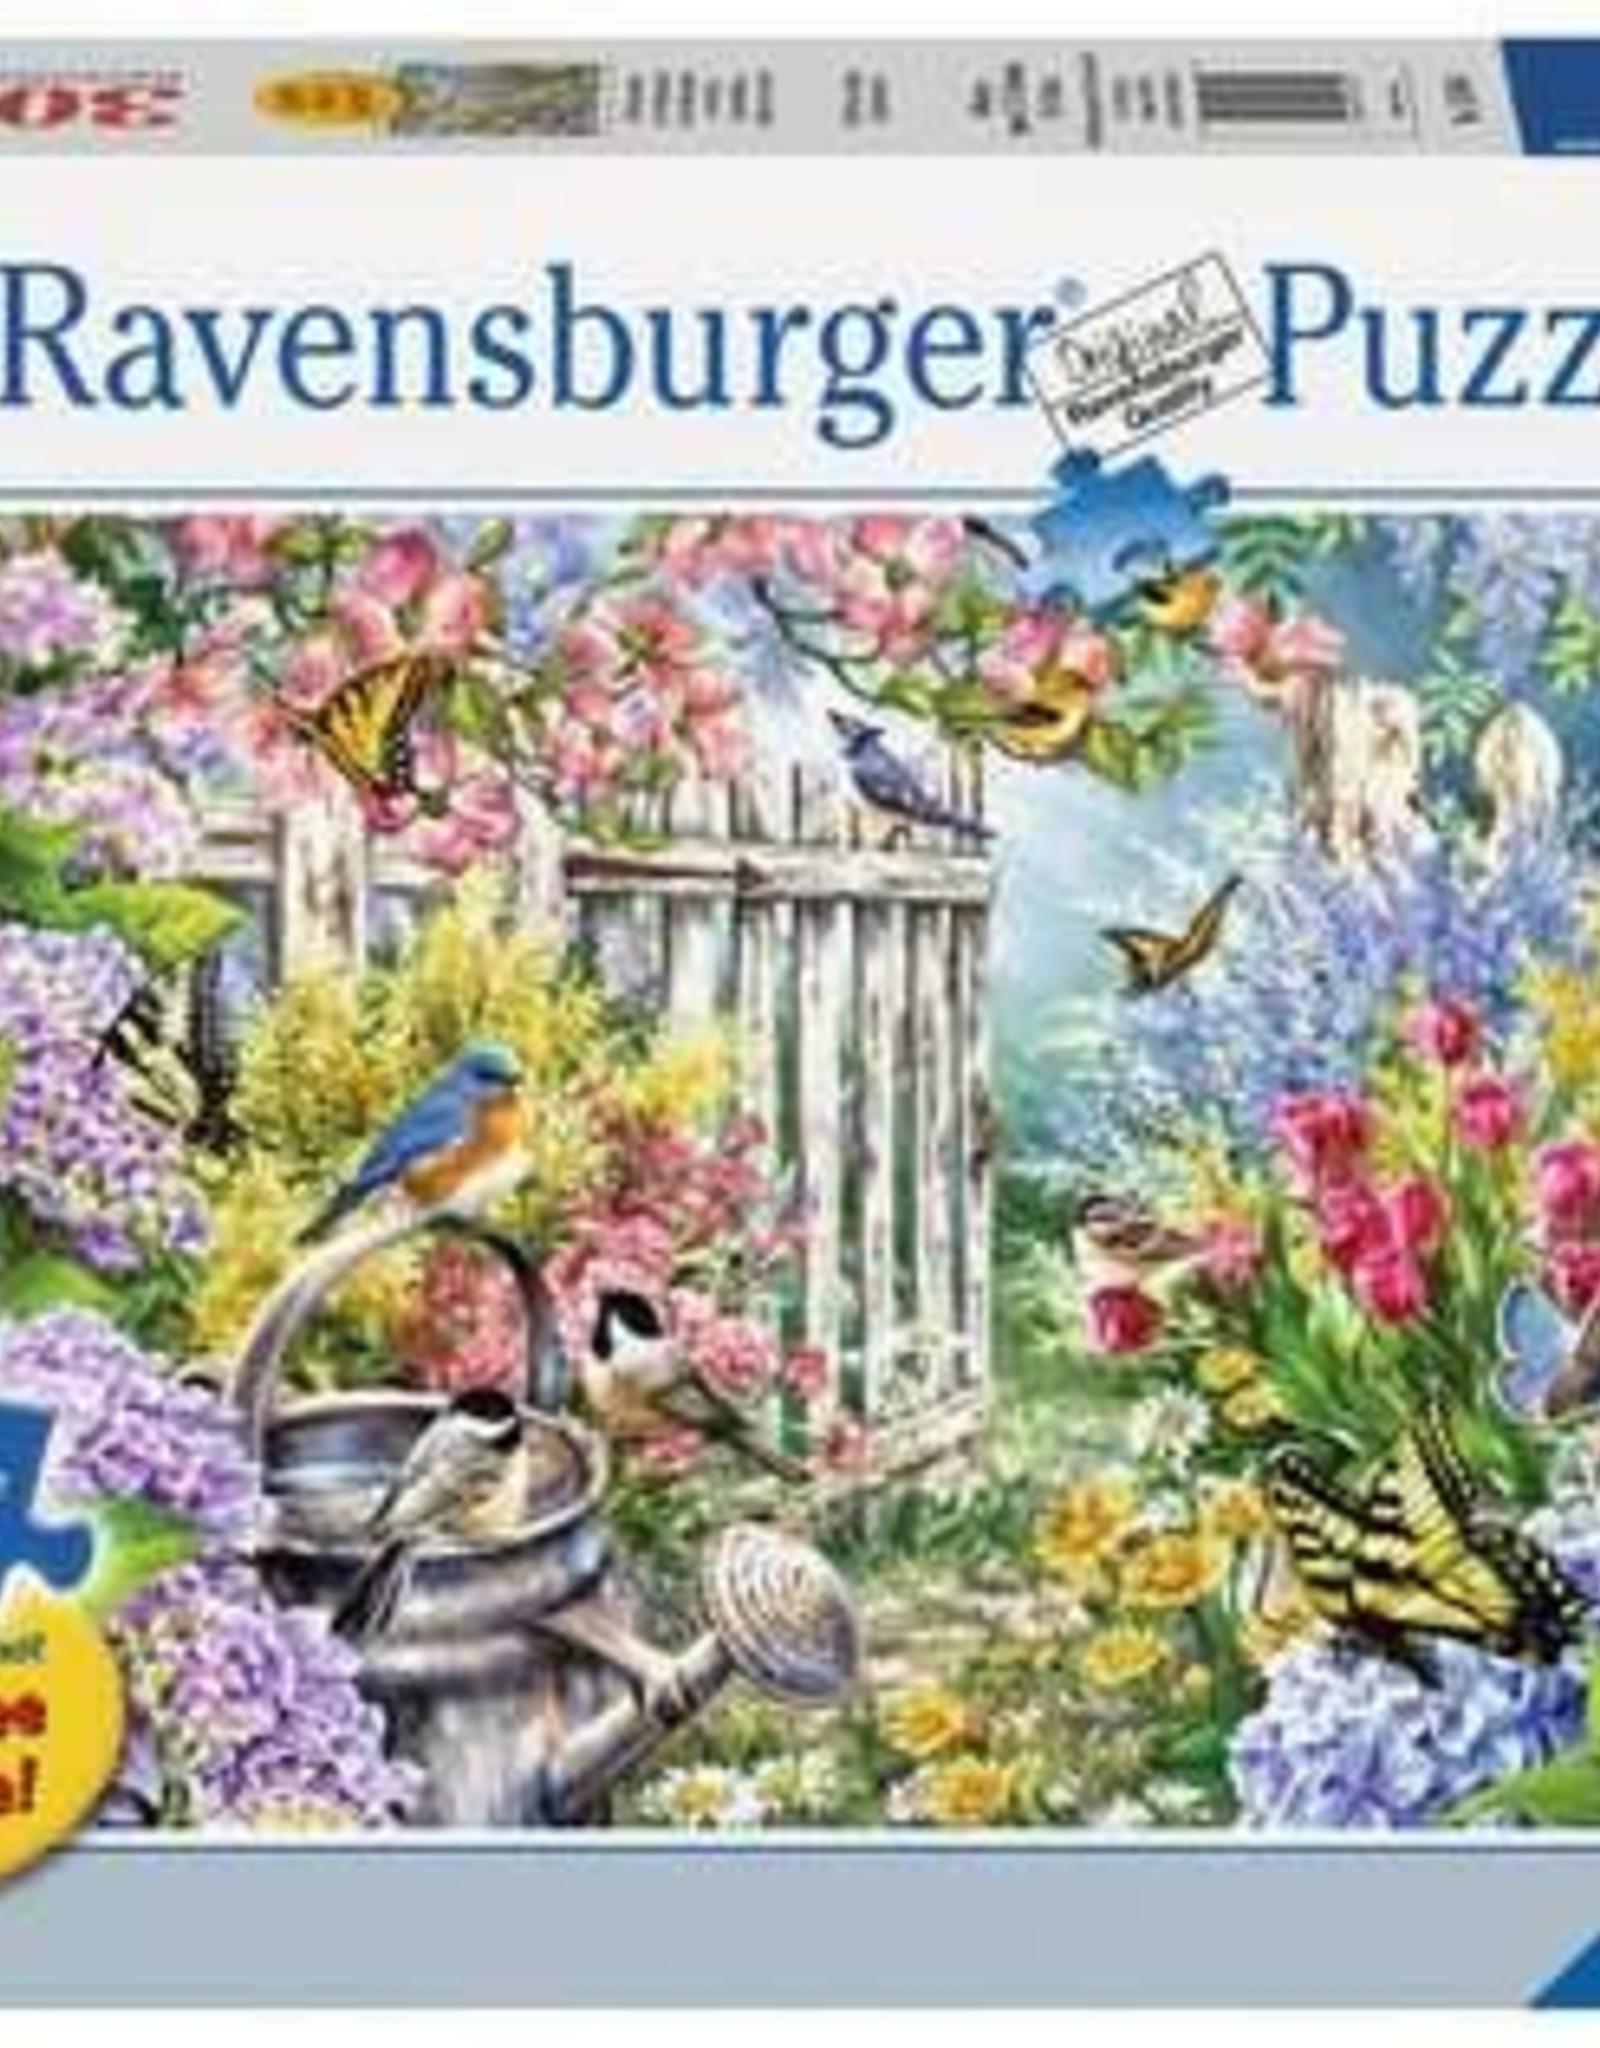 Ravensburger 300pc LF puzzle Spring Awakening